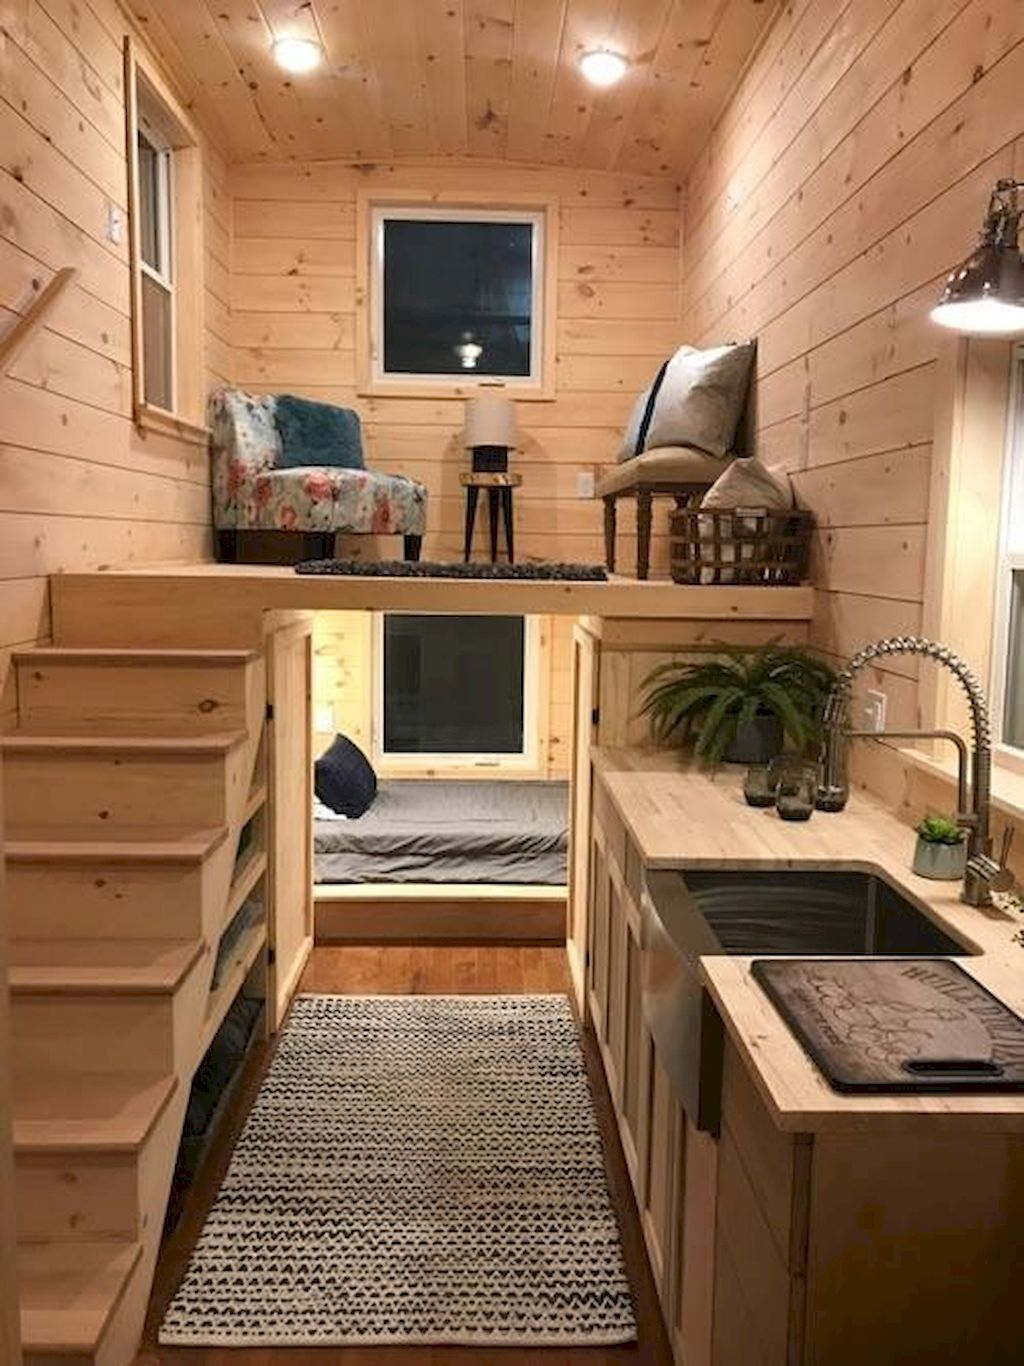 60 Amazing Tiny House Bedroom Ideas Tiny House Interior Design In 2020 Diy Tiny House Tiny House Design Tiny House Interior Design